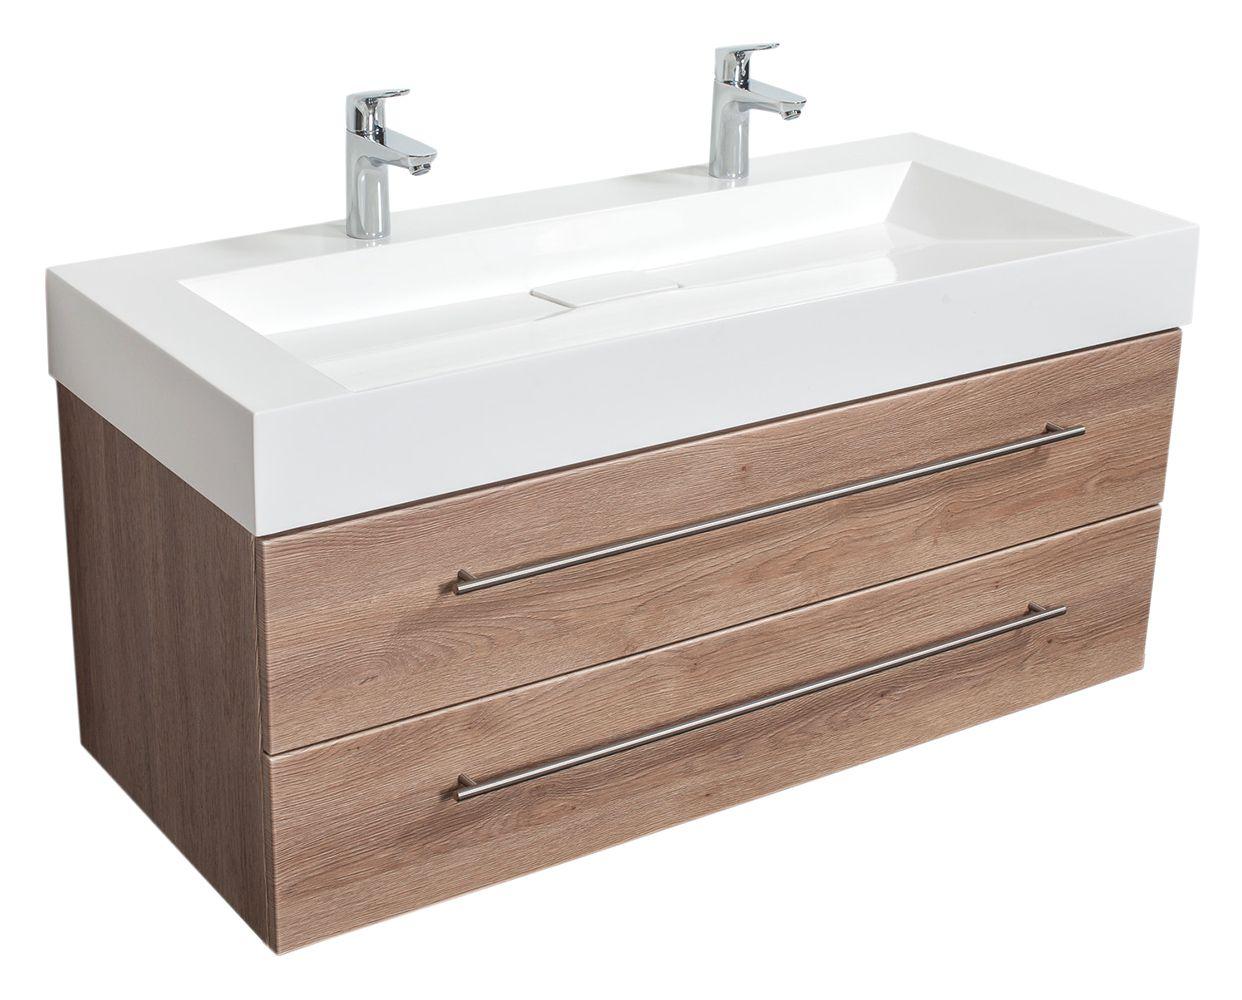 Meuble Double Vasque Design 1200 Decor Chene Badezimmerwaschtisch Bad Doppelwaschtisch Unterschrank